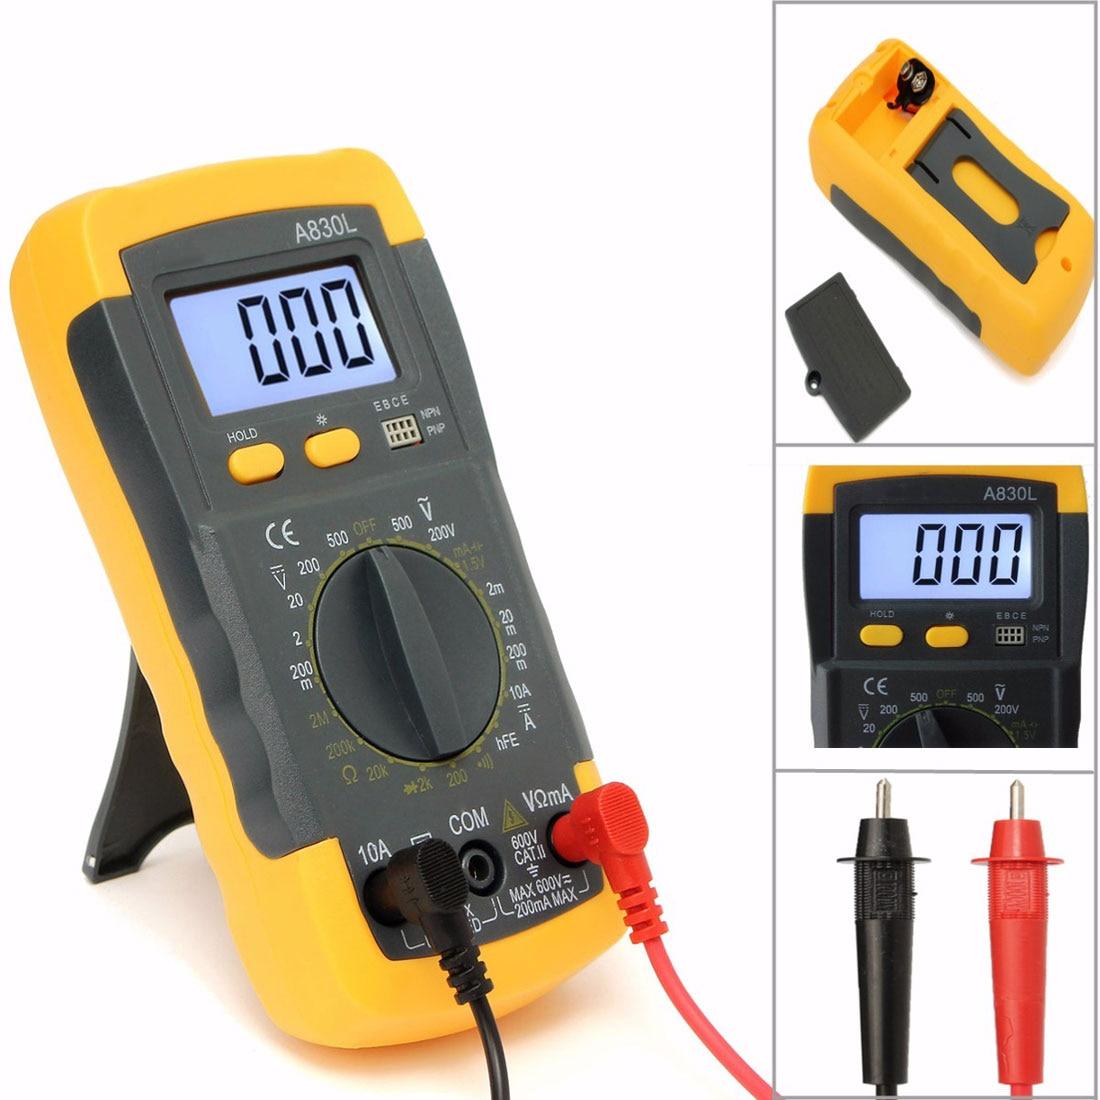 LCD Digital Voltmeter Ohmmeter Ammeter Multimeter Handheld Tester OHM VOLT